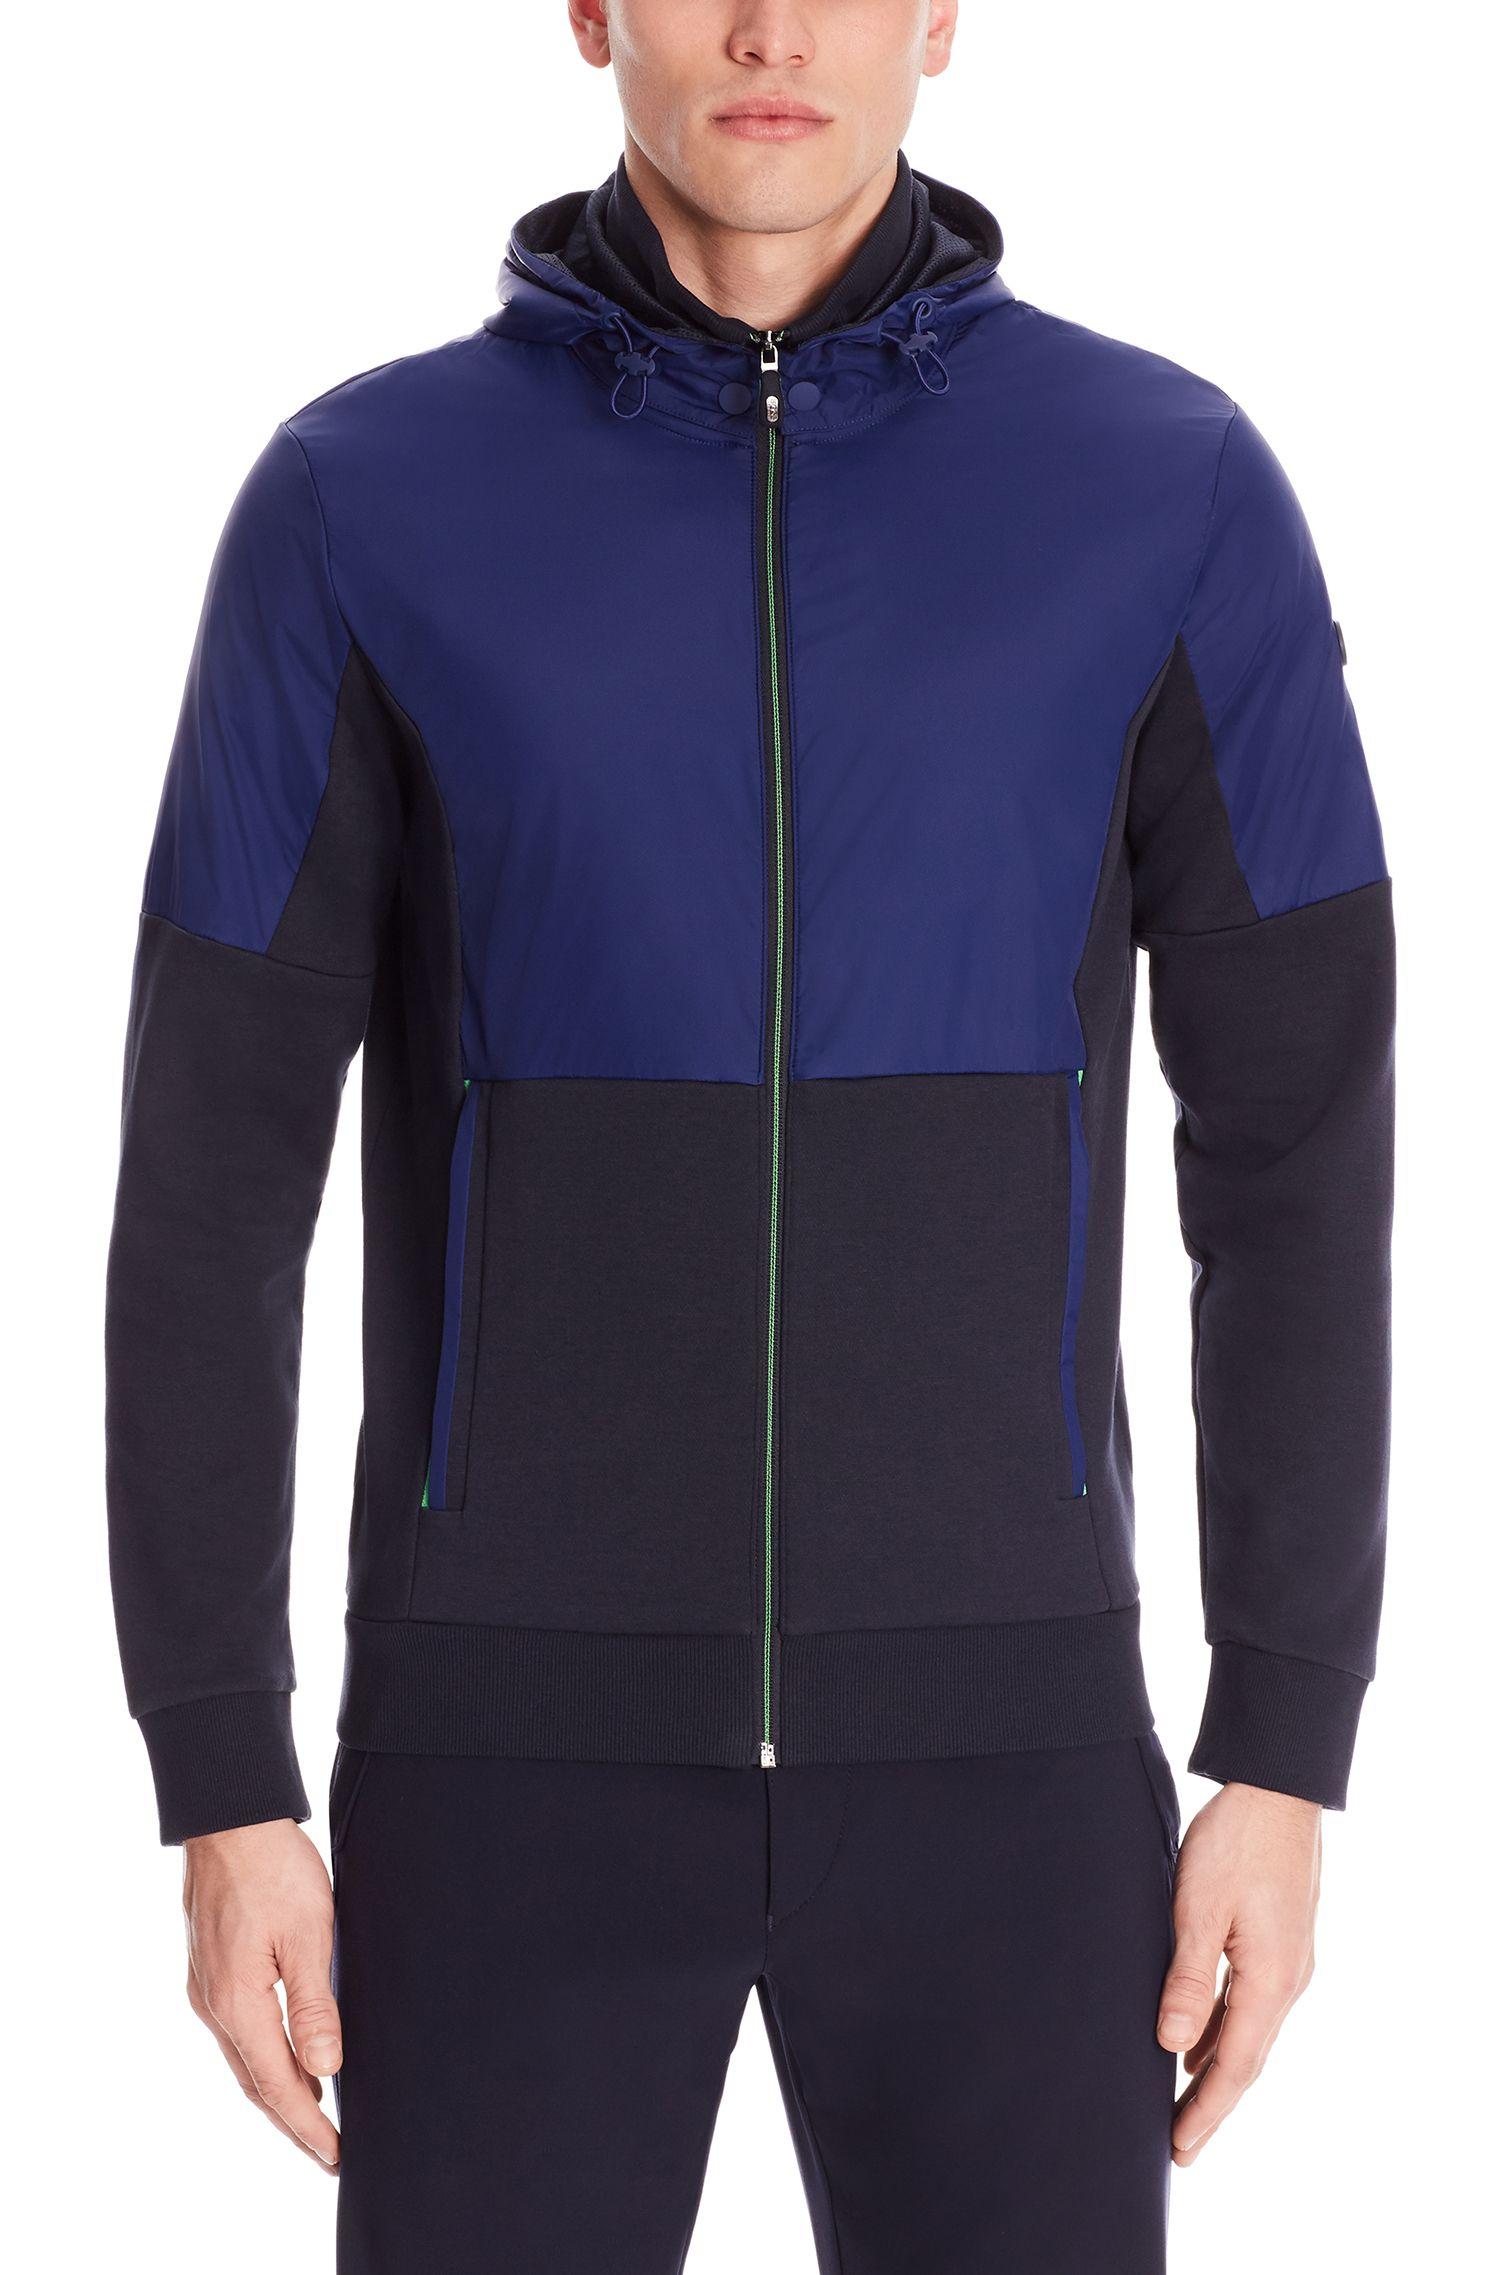 Cotton Nylon Hooded Zip Jacket | Skibo